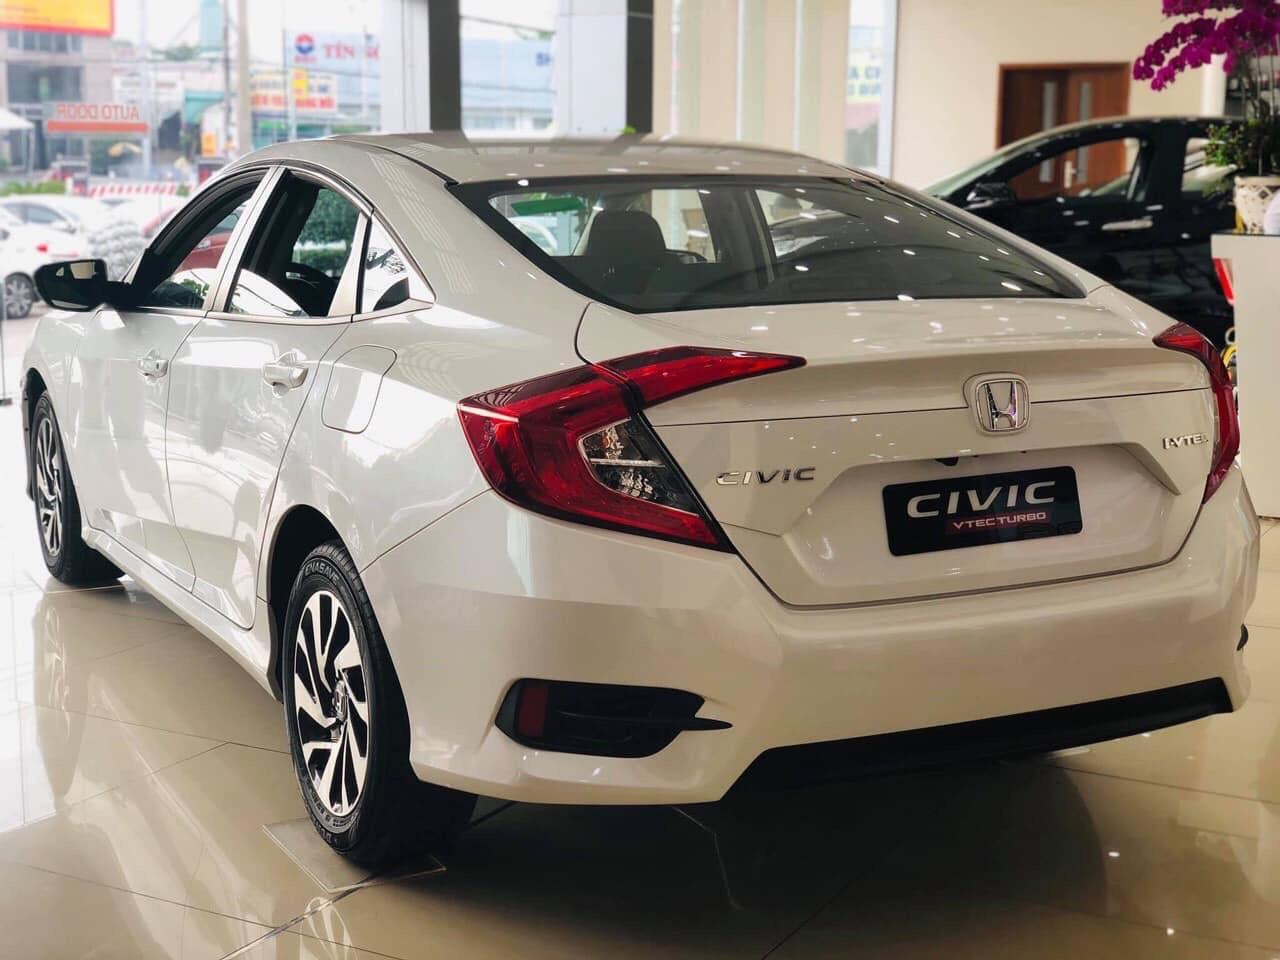 151b7f61a28045de1c91 - Honda Civic [hienthinam]: thông số, giá xe & khuyến mãi tháng [hienthithang]